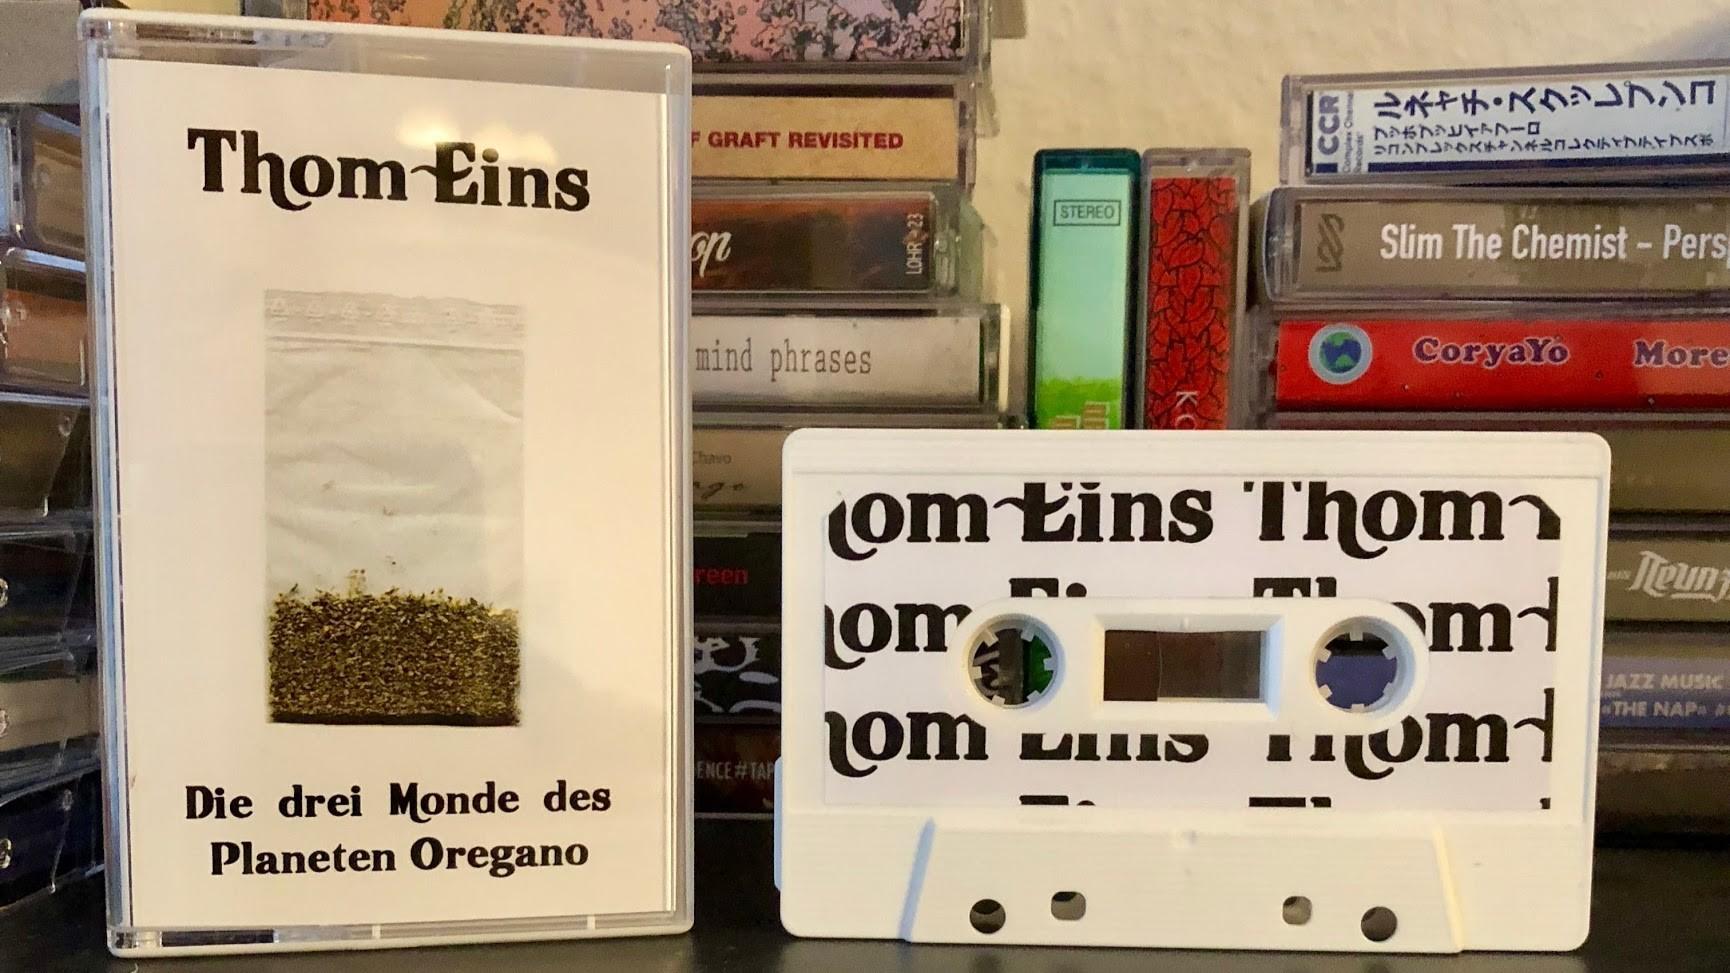 Thom Eins - Die drei Monde des Planeten Oregano